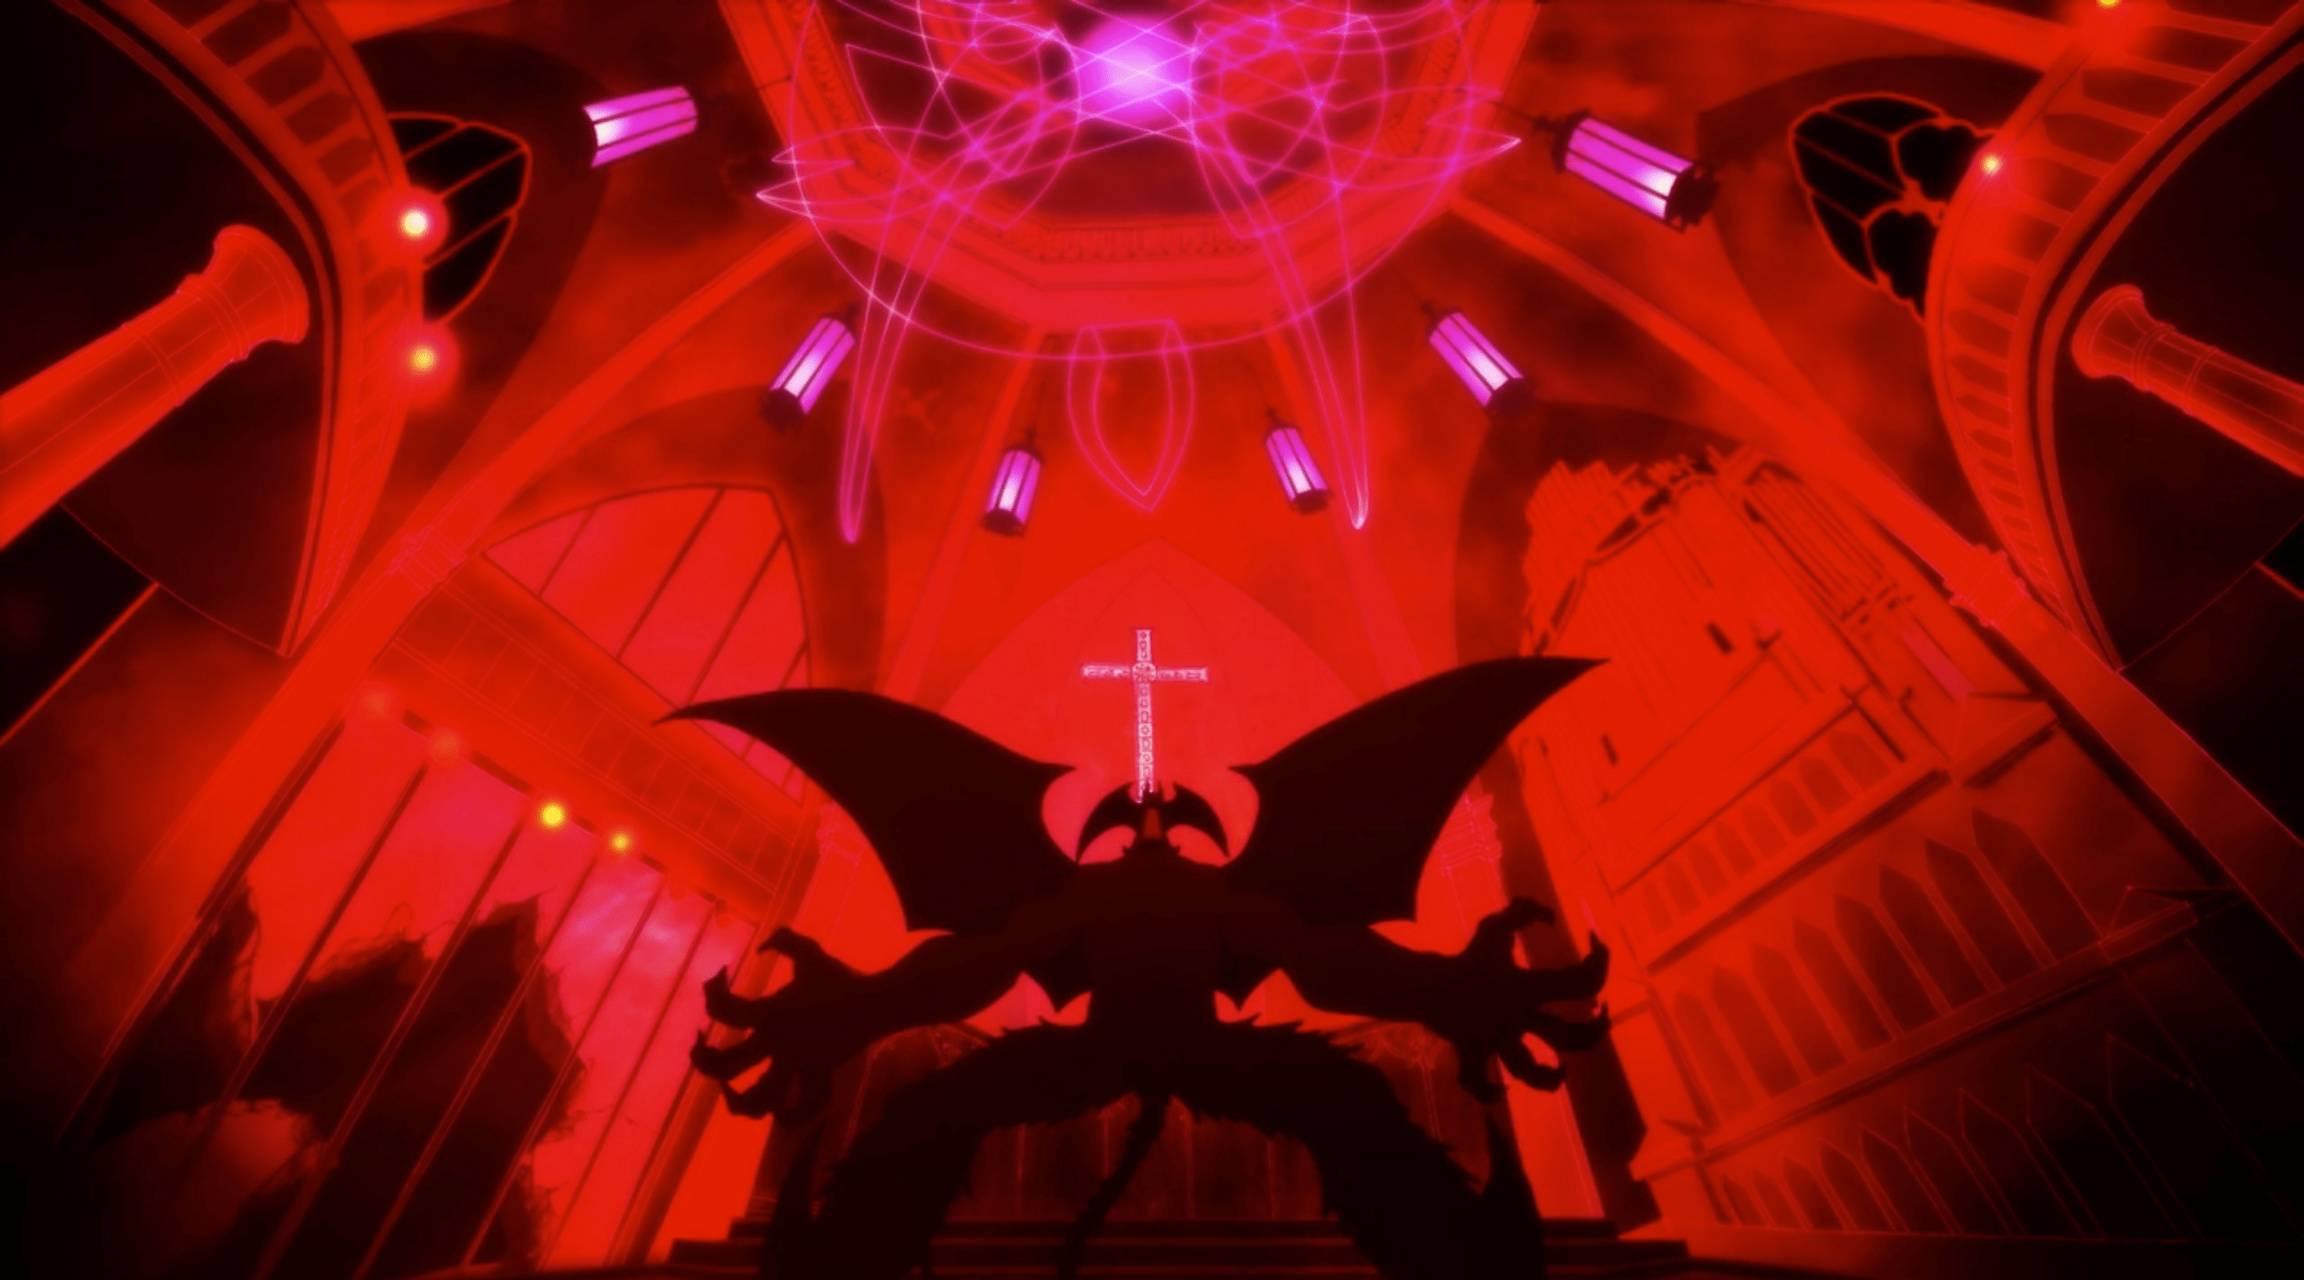 Devilman Crybaby Wallpapers - Top Free Devilman Crybaby ...